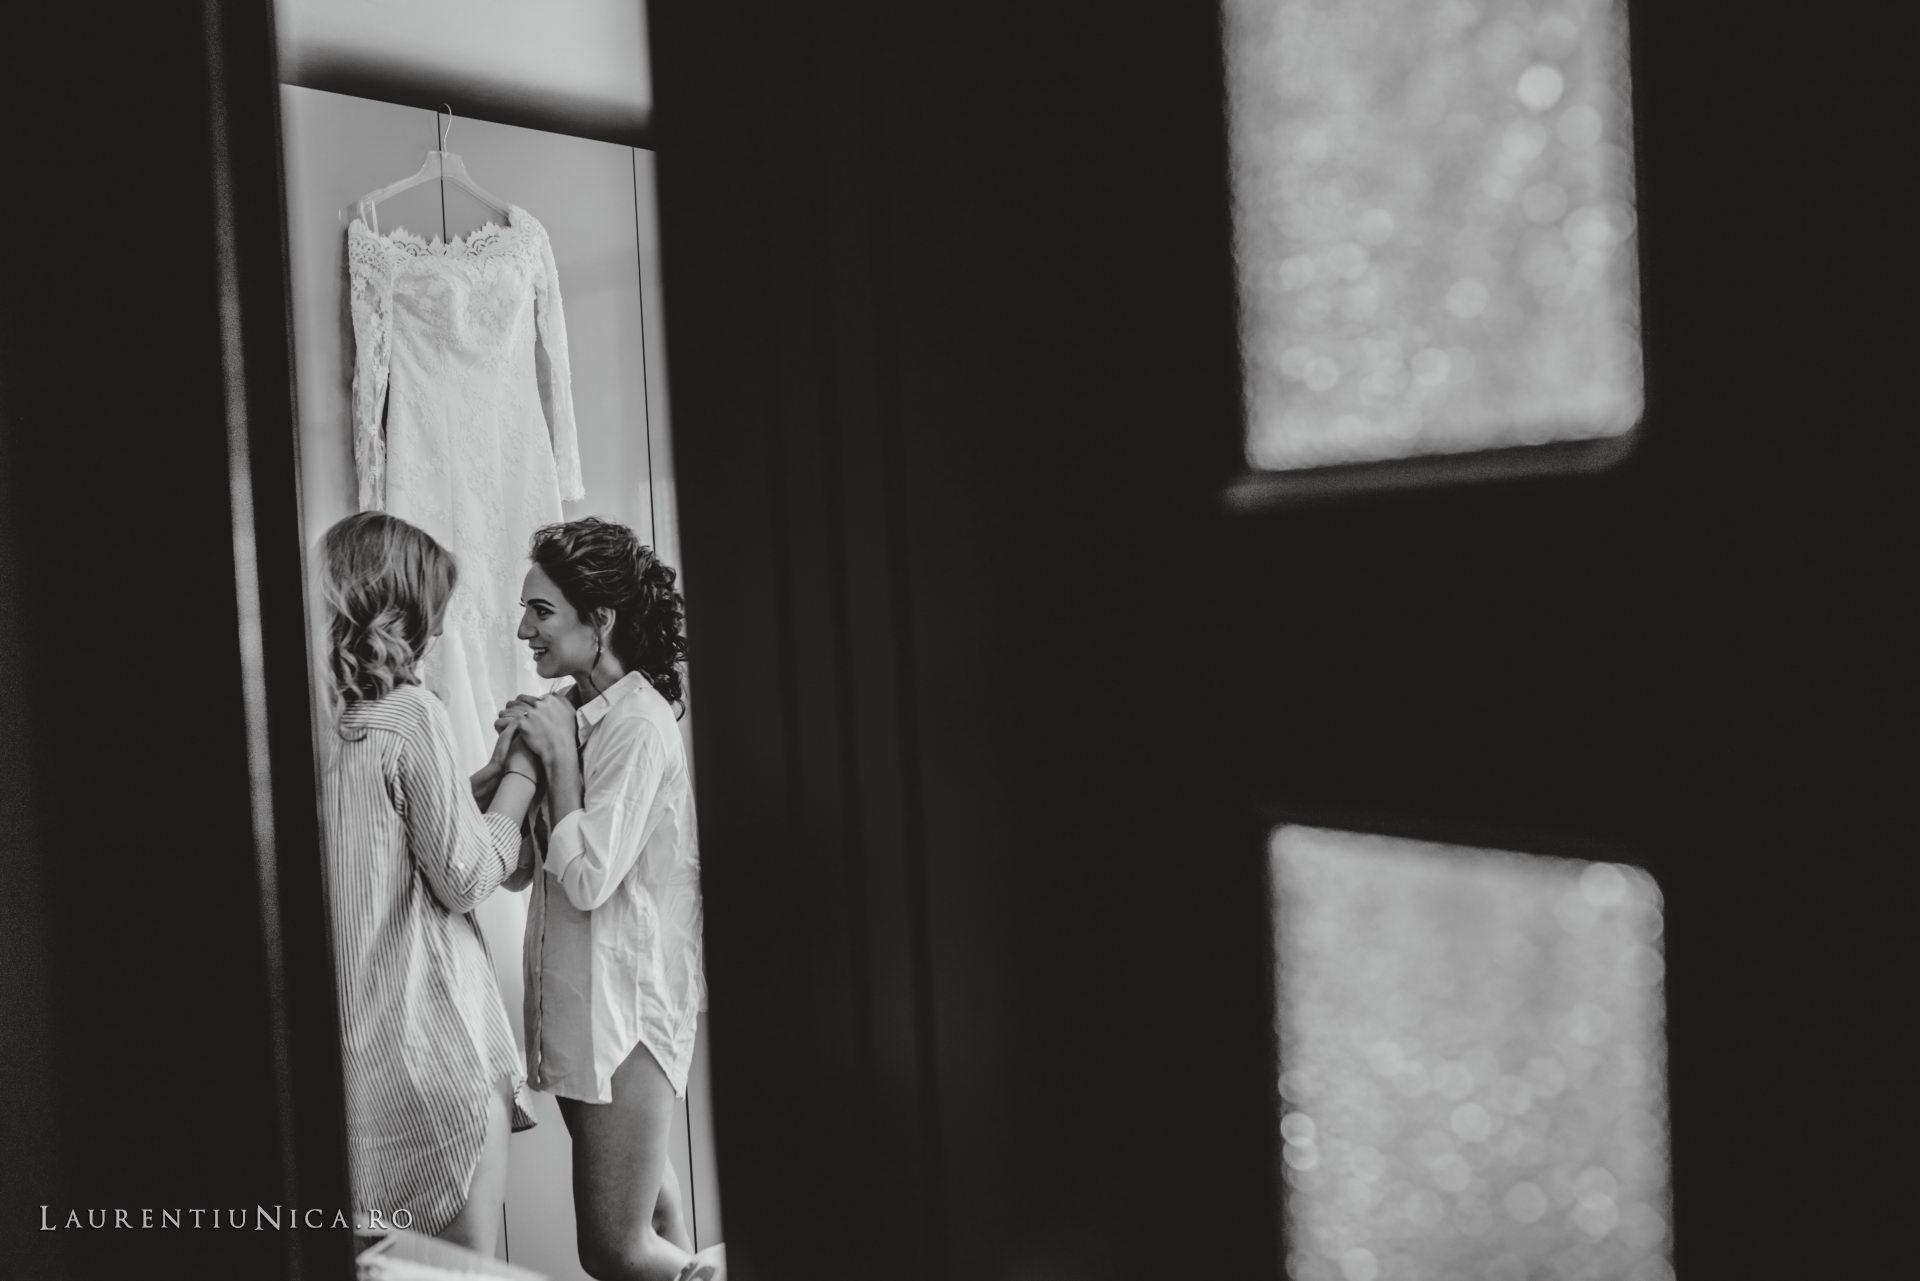 Cristina si Ovidiu nunta Craiova fotograf laurentiu nica 059 - Cristina & Ovidiu | Fotografii nunta | Craiova